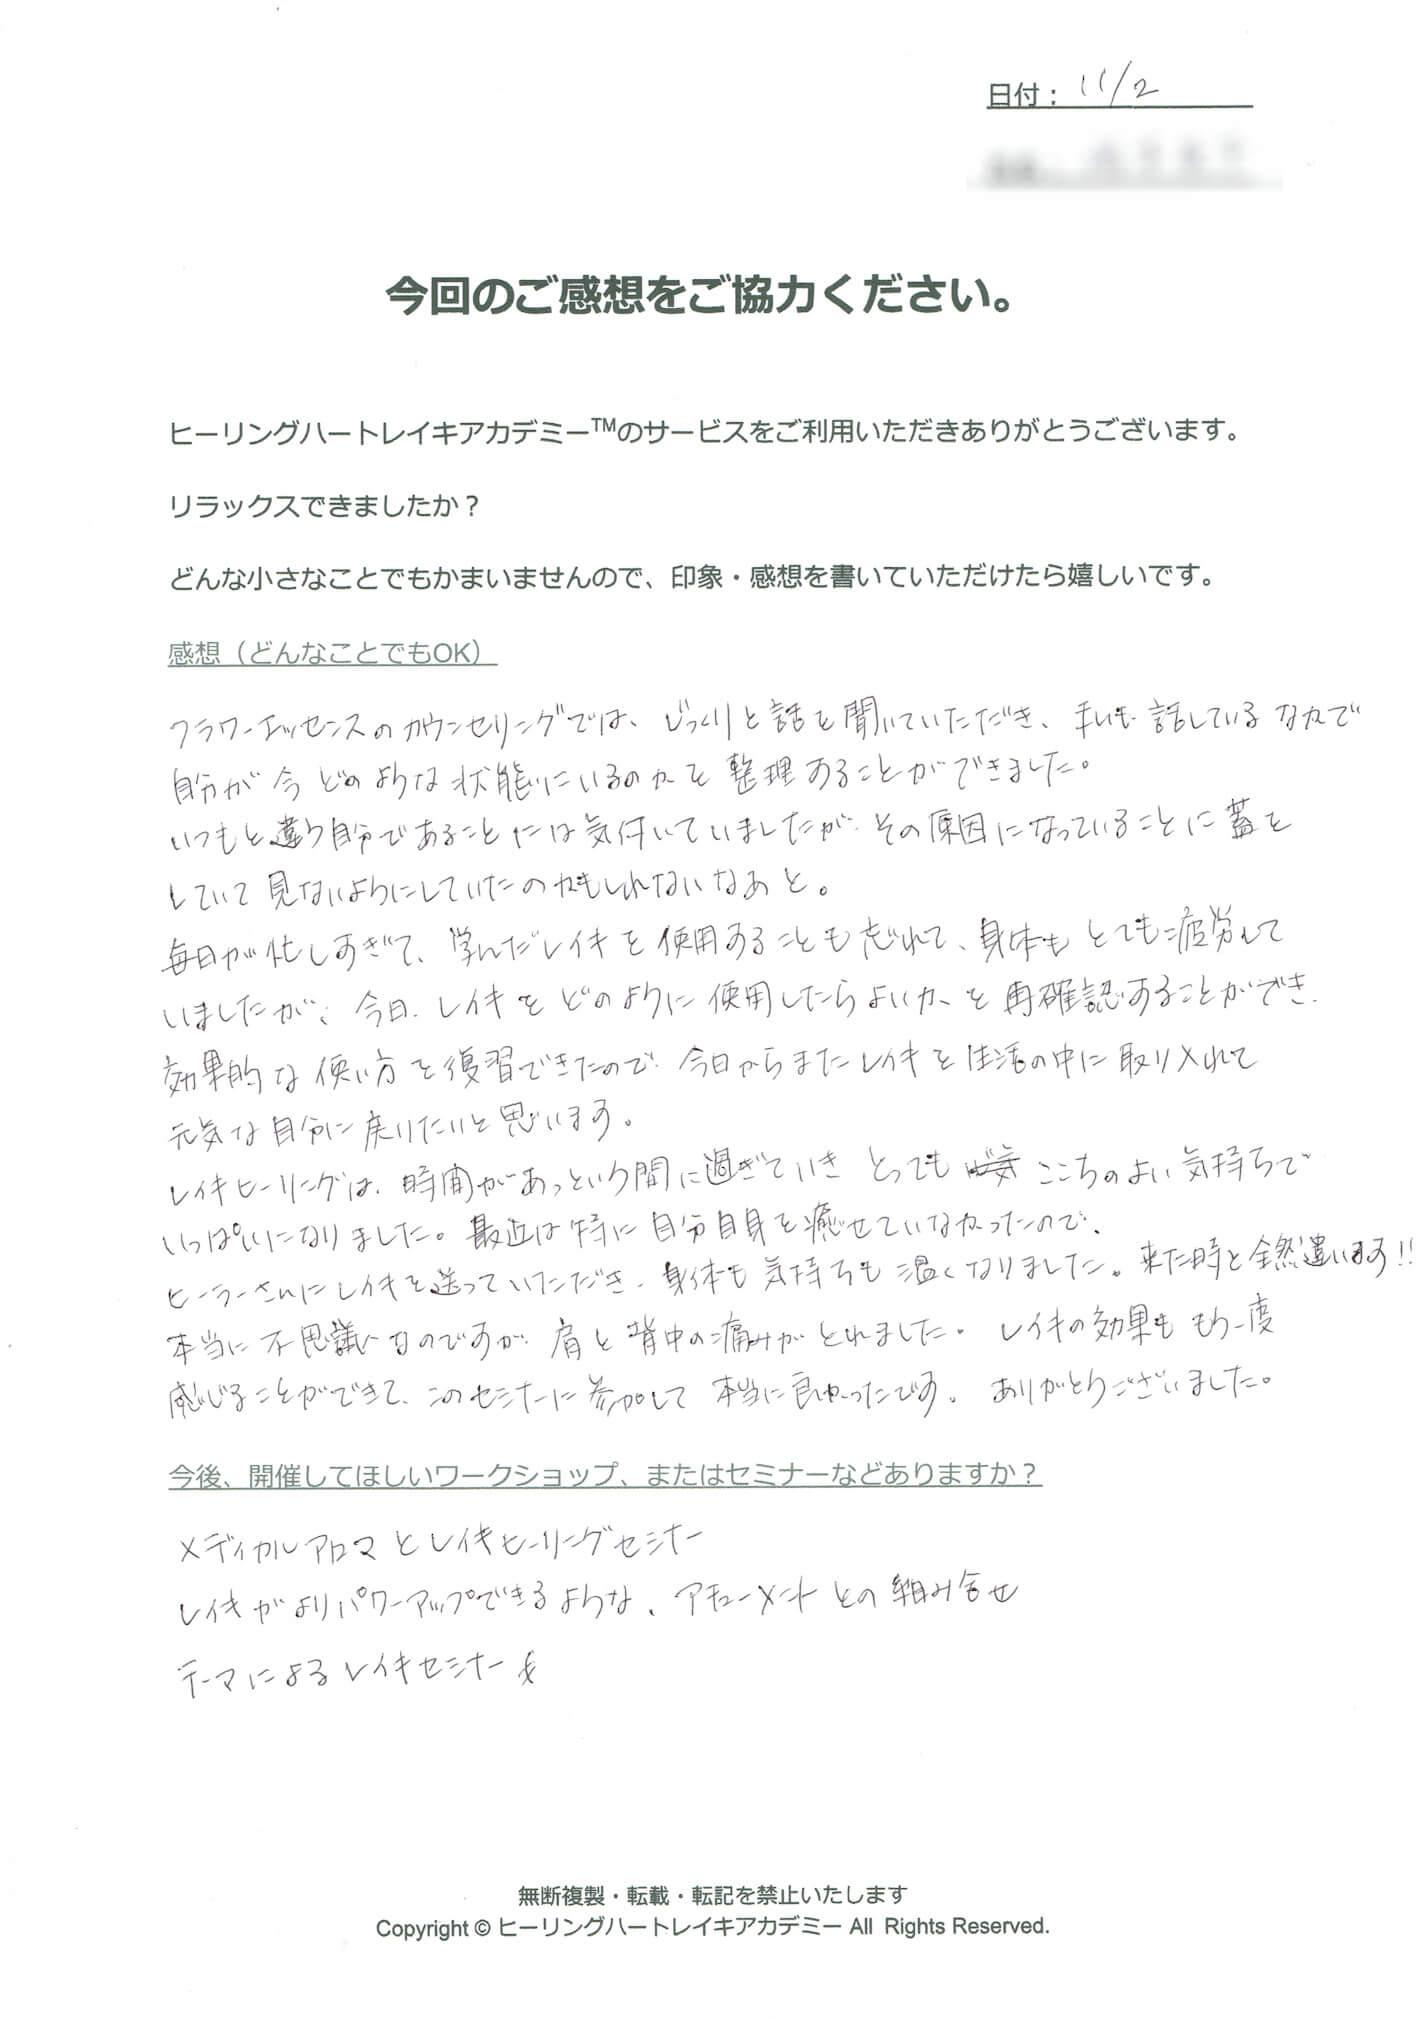 レイキヒーリング&フラワーエッセンスカウンセリングLight版のレビューAさん40代東京都